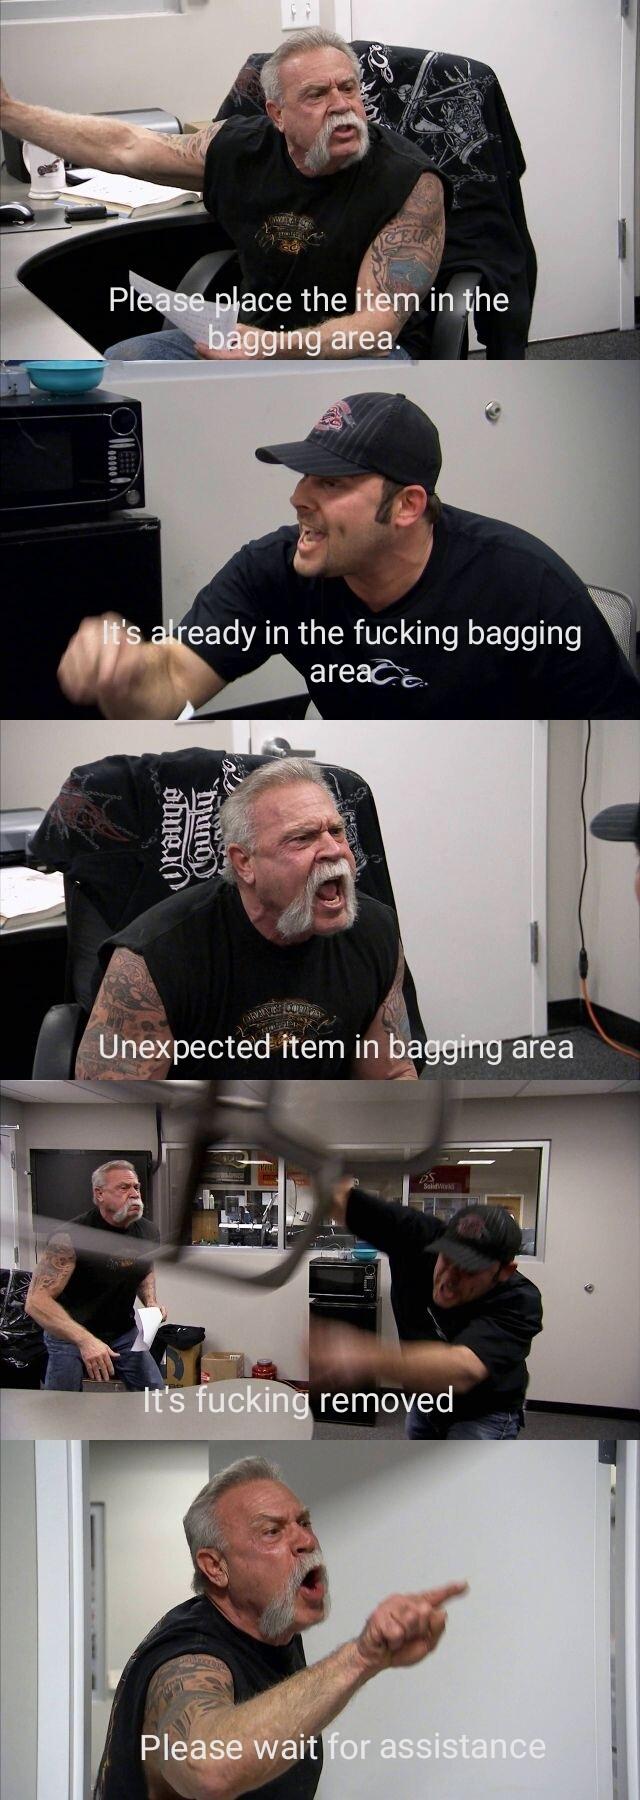 humorous american memes